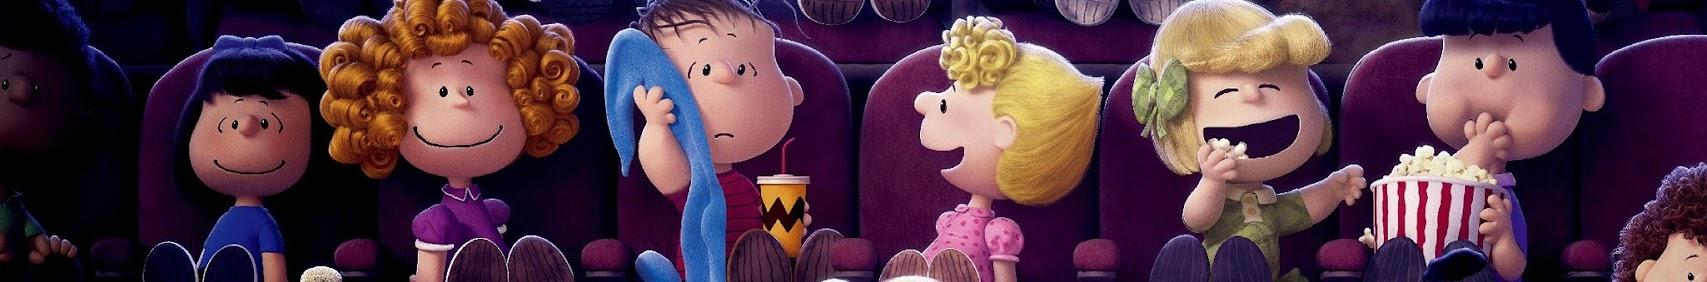 Melhores Filmes de Família